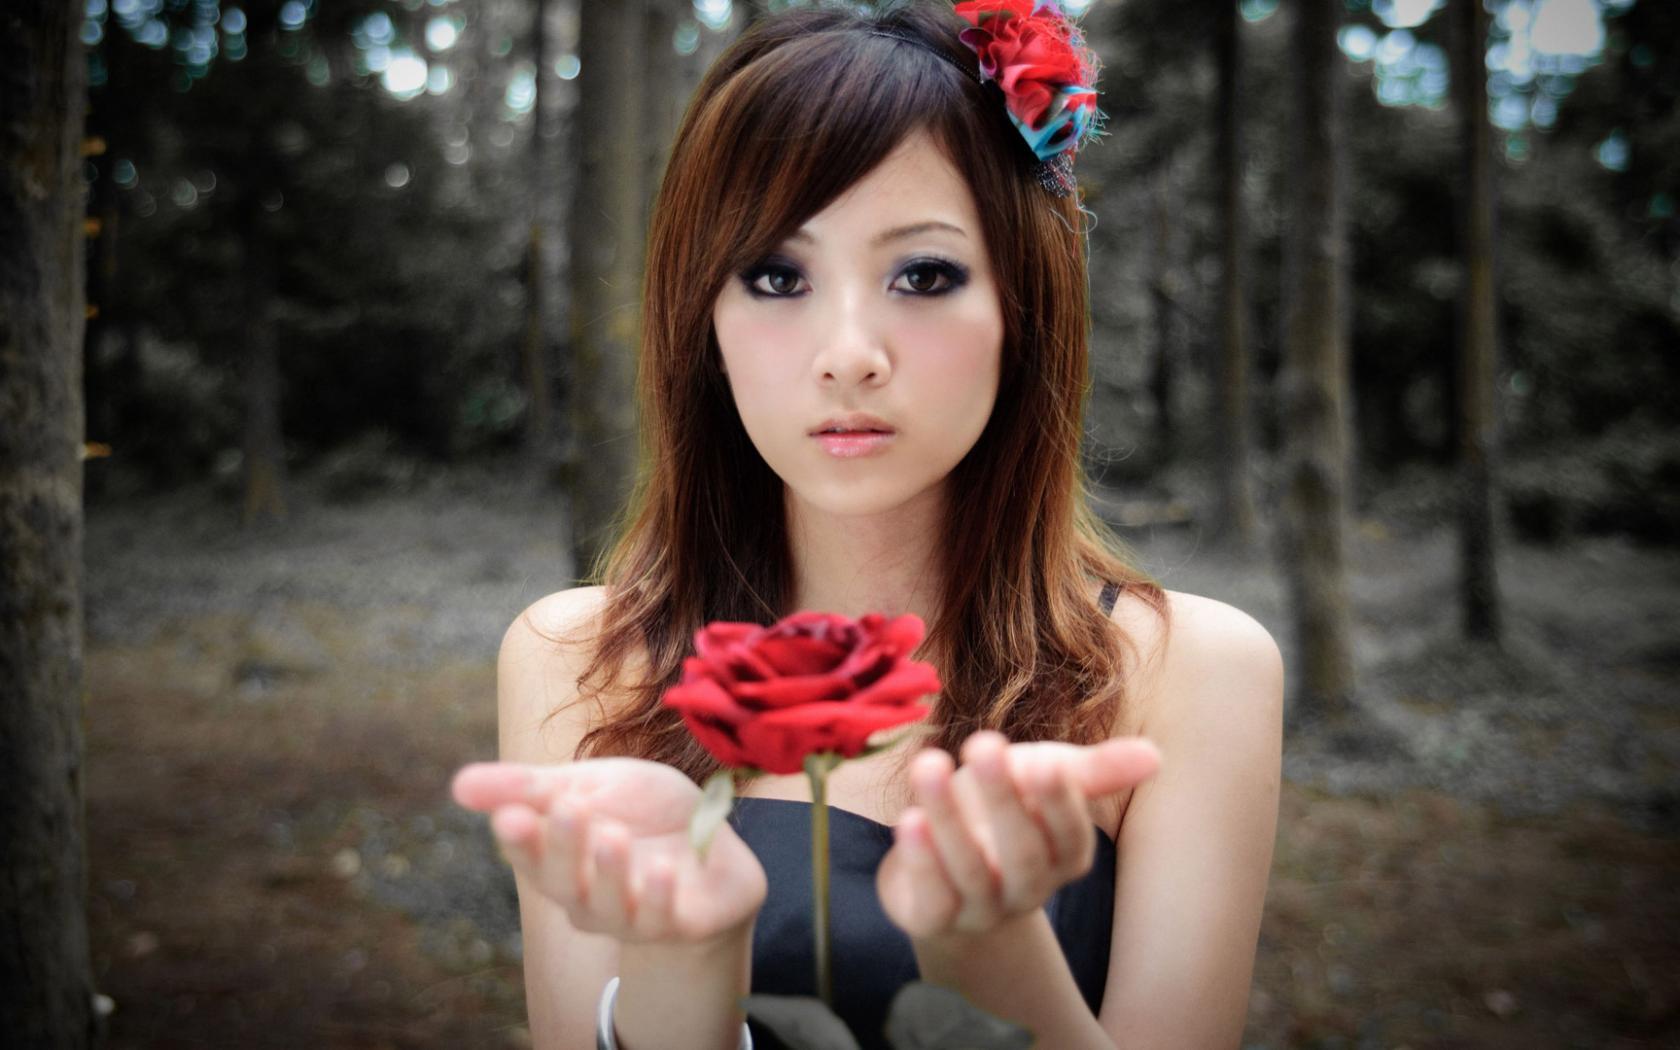 Тайская девочка с хуем фото 4 фотография